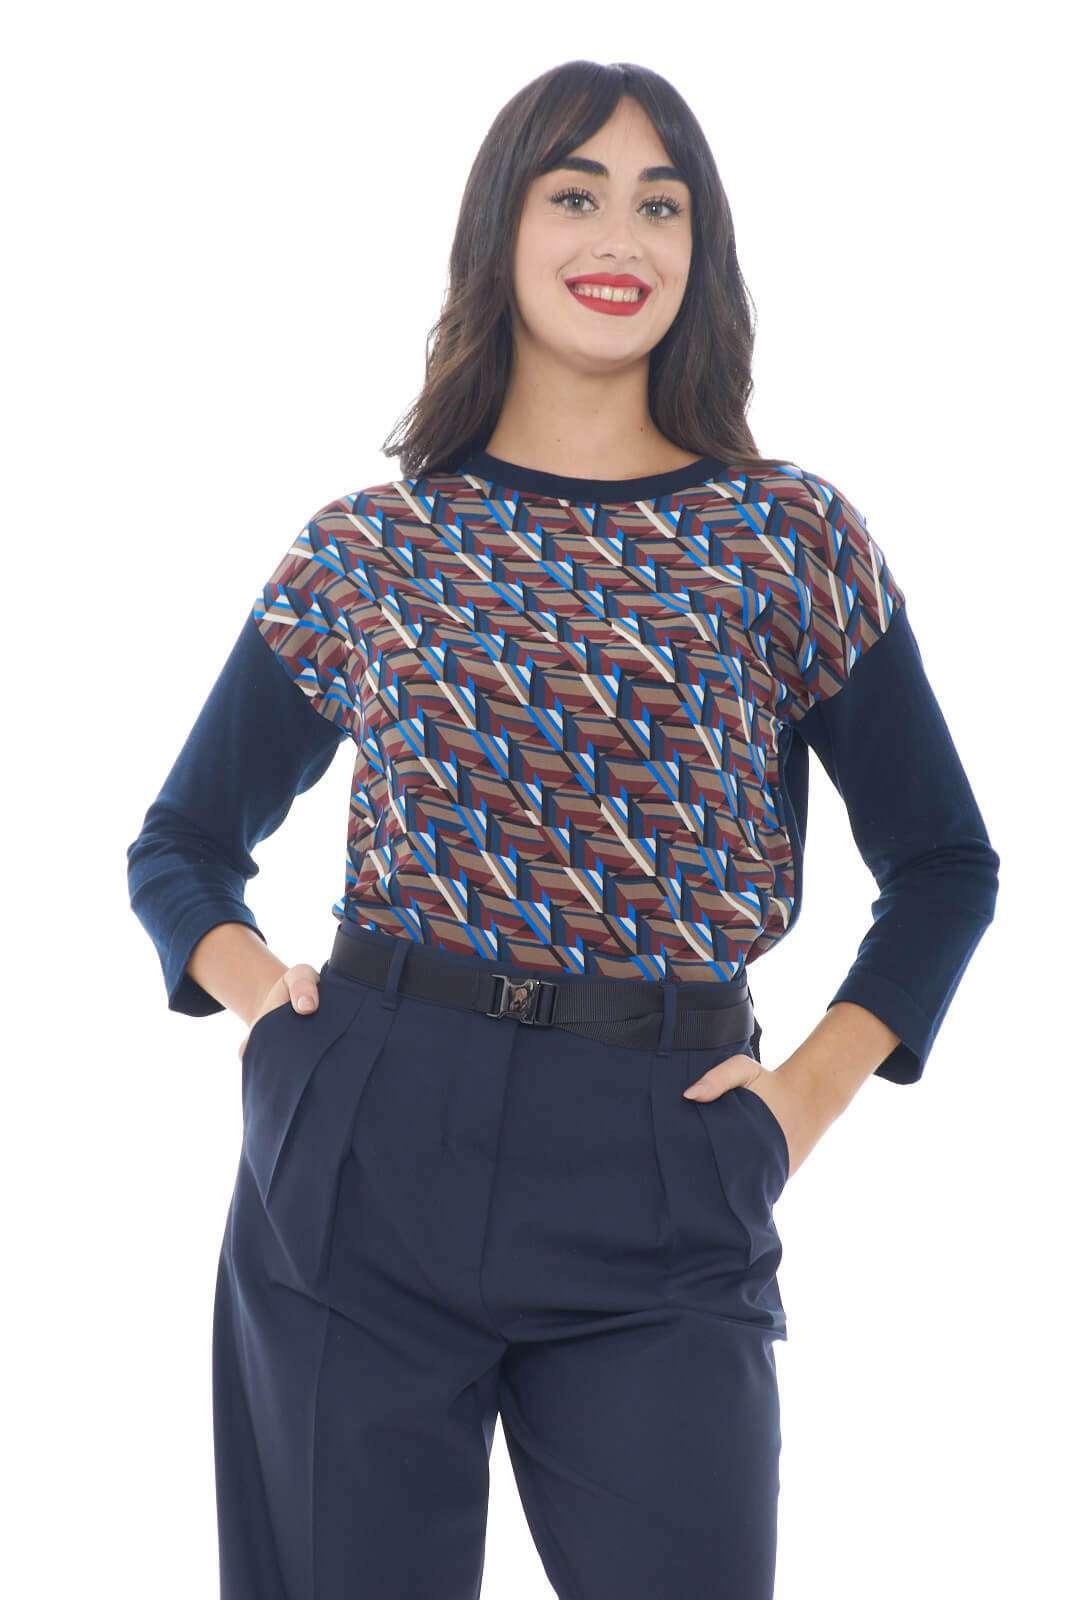 Scopri la nuova maglia in misto seta Zuppa firmata dalla collezione donna Weekend Max Mara. L'inserto in seta è perfetto per essere abbinato con look sofisticati. Adatta alla fredda stagione è un evergreen.